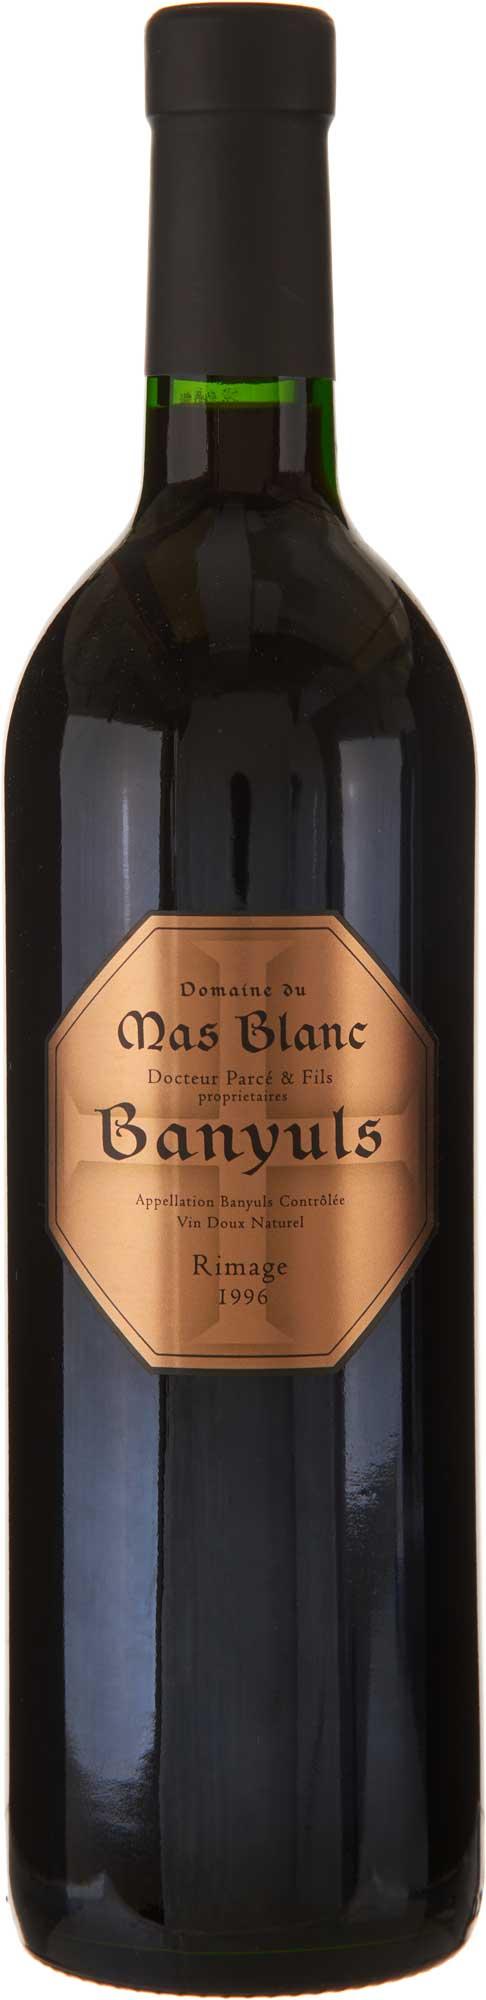 Domaine du Mas Blanc Banyuls Rimage 1996